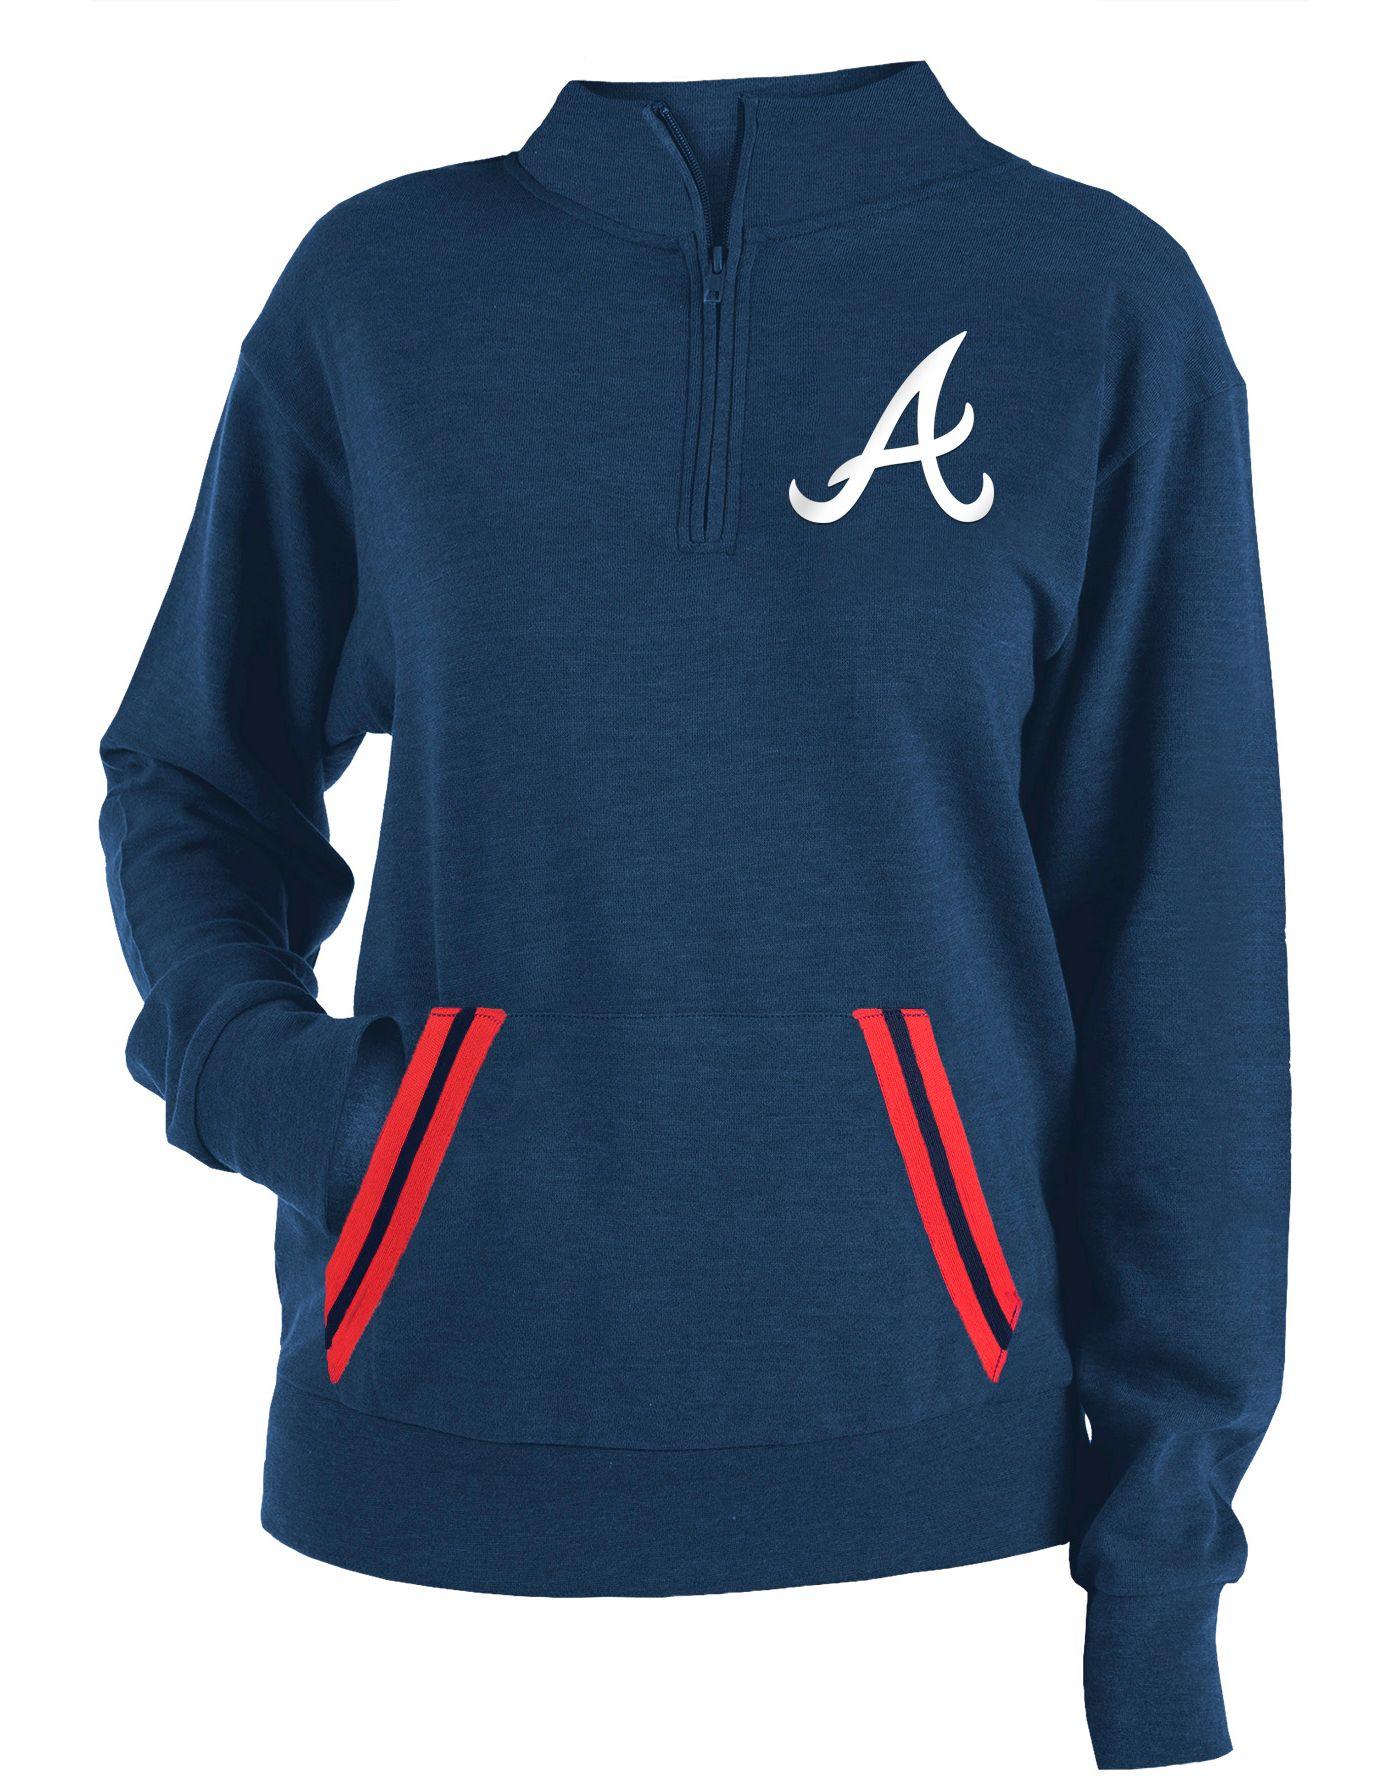 New Era Women's Atlanta Braves Hooded Quarter-Zip